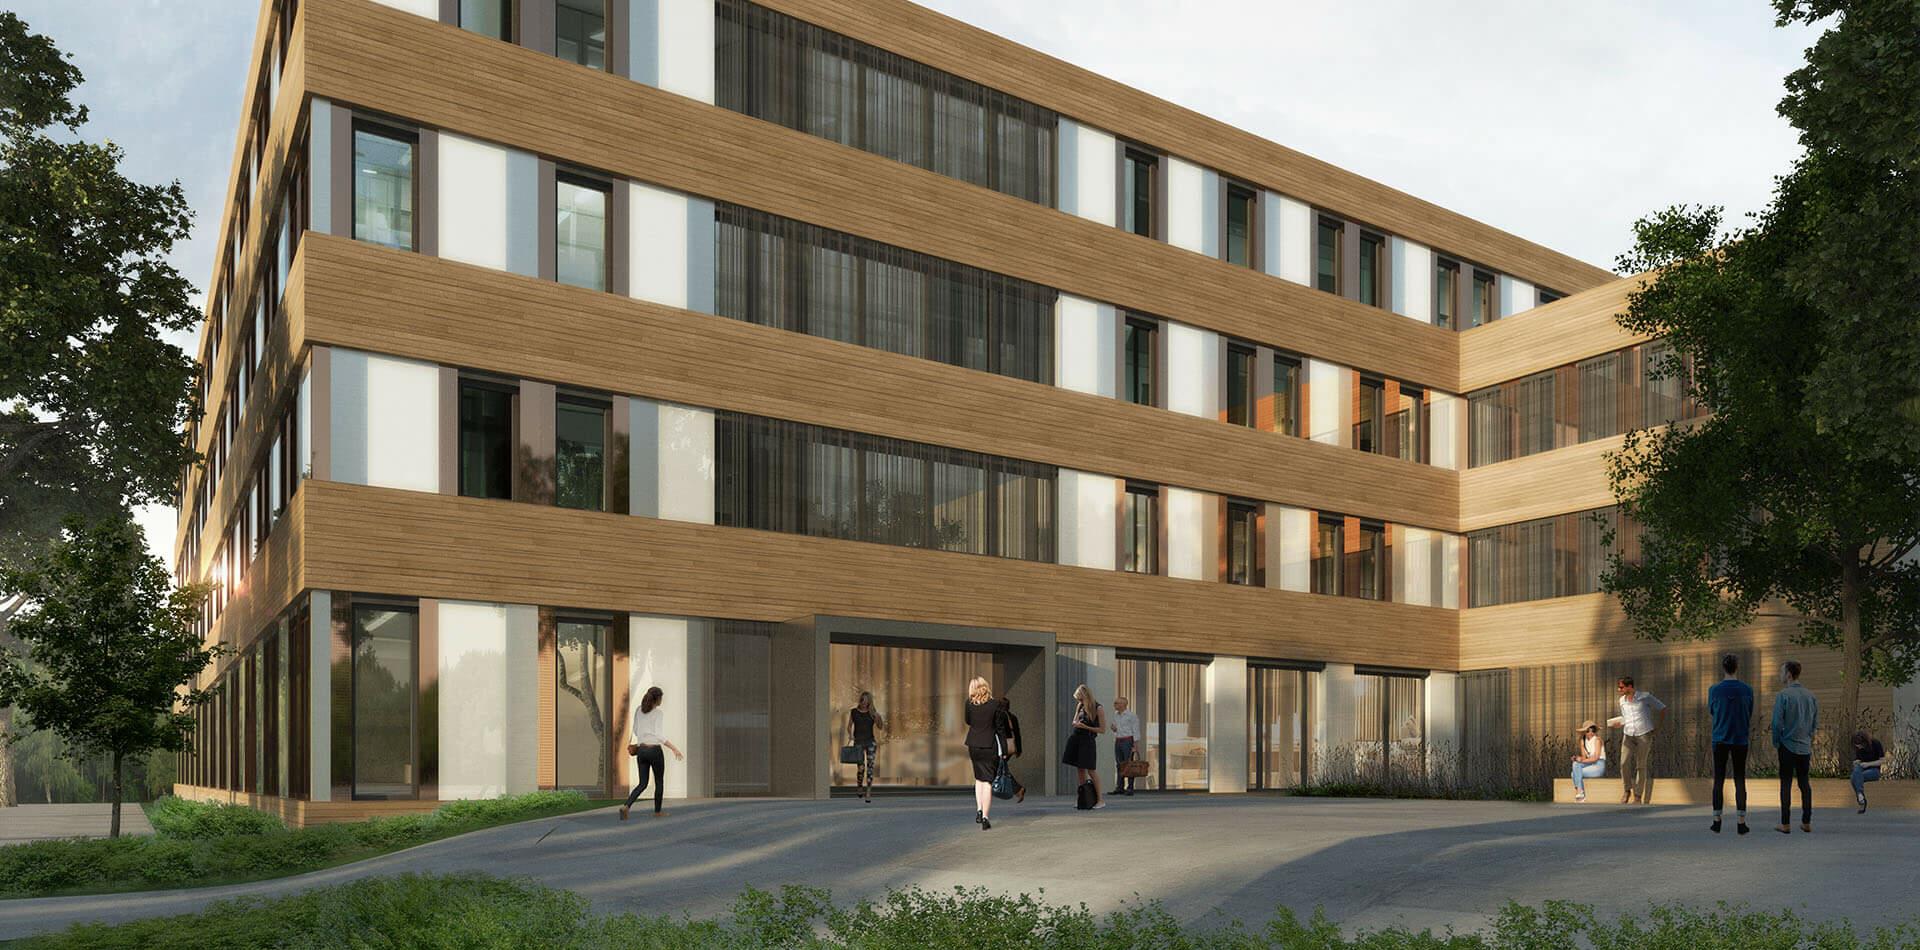 Verwaltungsgebäude Göttingen Eealisierungswettbewerb 2ter Preis Rendering